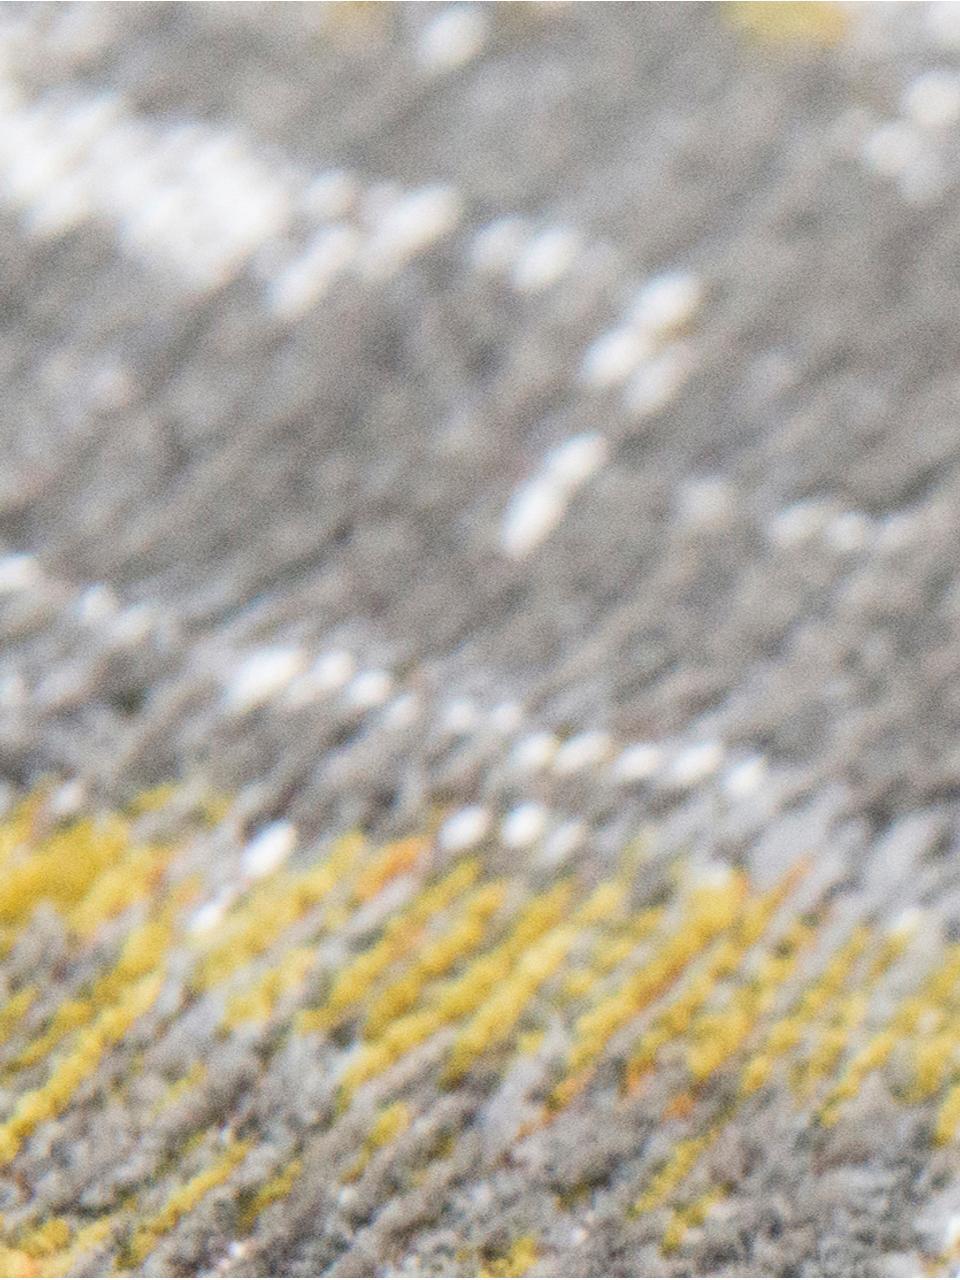 Tappeto di design grigio/giallo Streaks, Tessuto: Jacquard, Retro: Miscela di cotone, rivest, Giallo, grigio, bianco, Larg. 140 x Lung. 200 cm (taglia S)